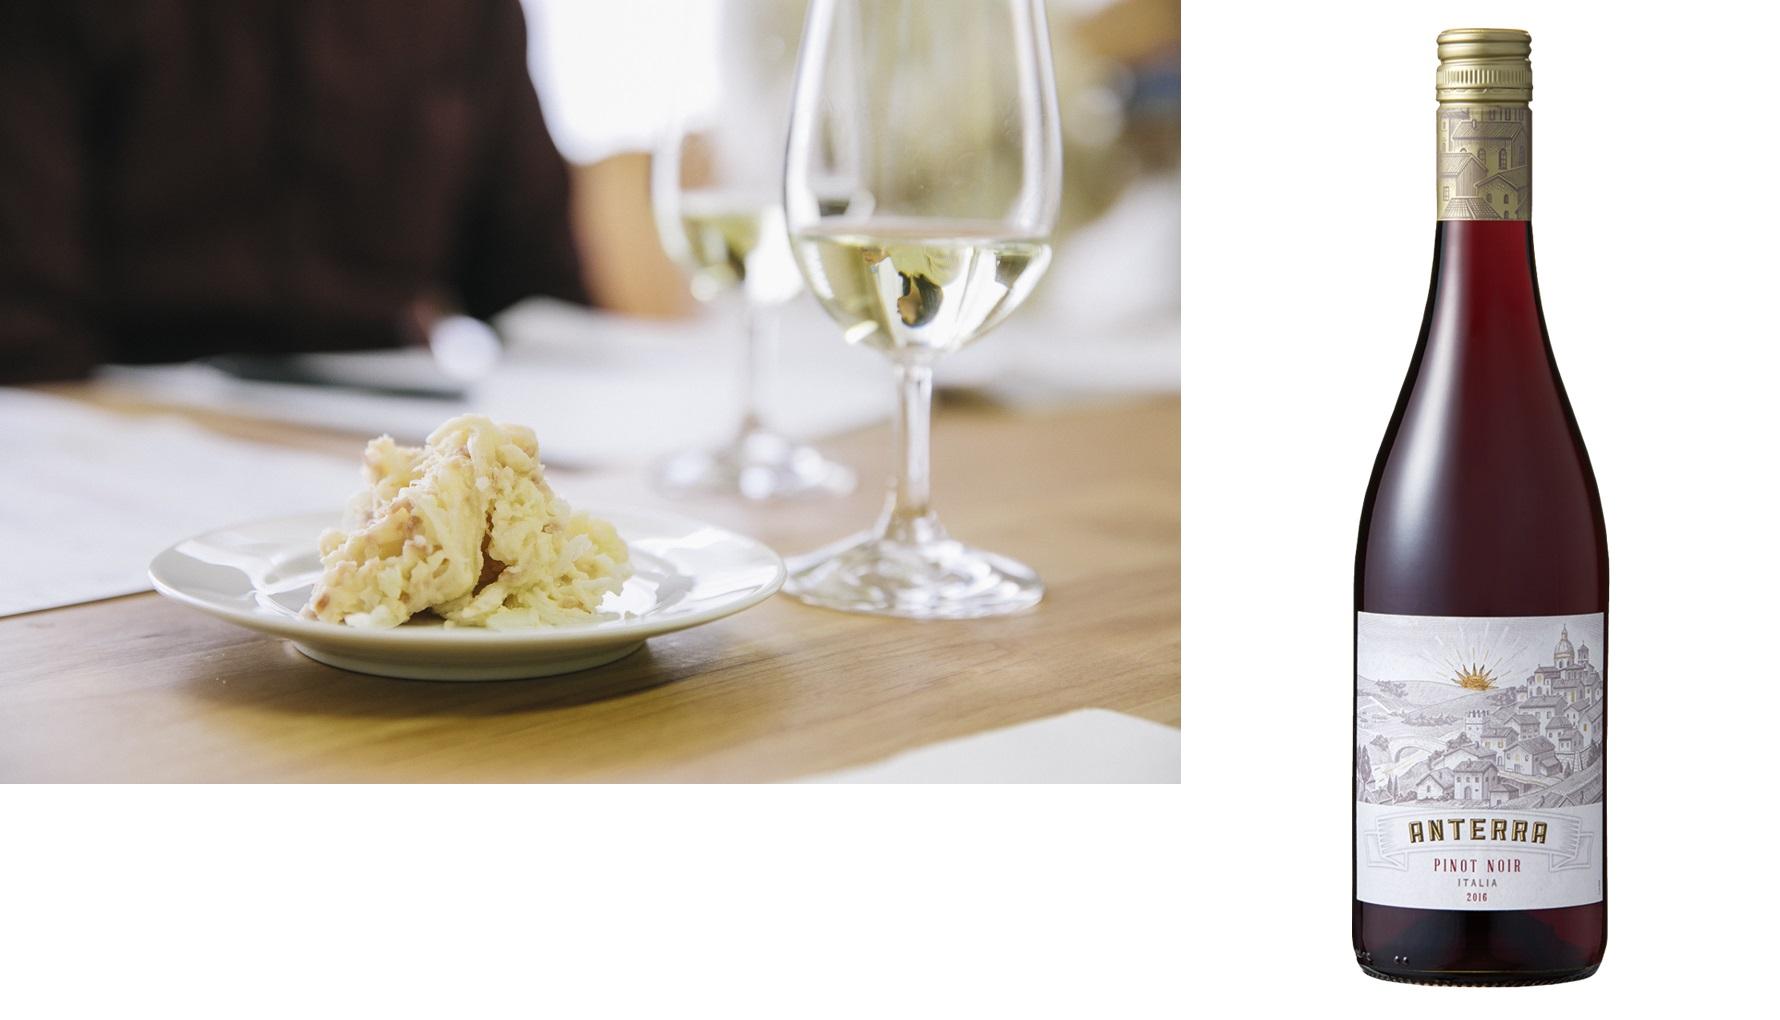 日本ポテトサラダ協会公認の酸味(梅)系ポテトサラダに合うベストワインのワインボトルと選定の様子